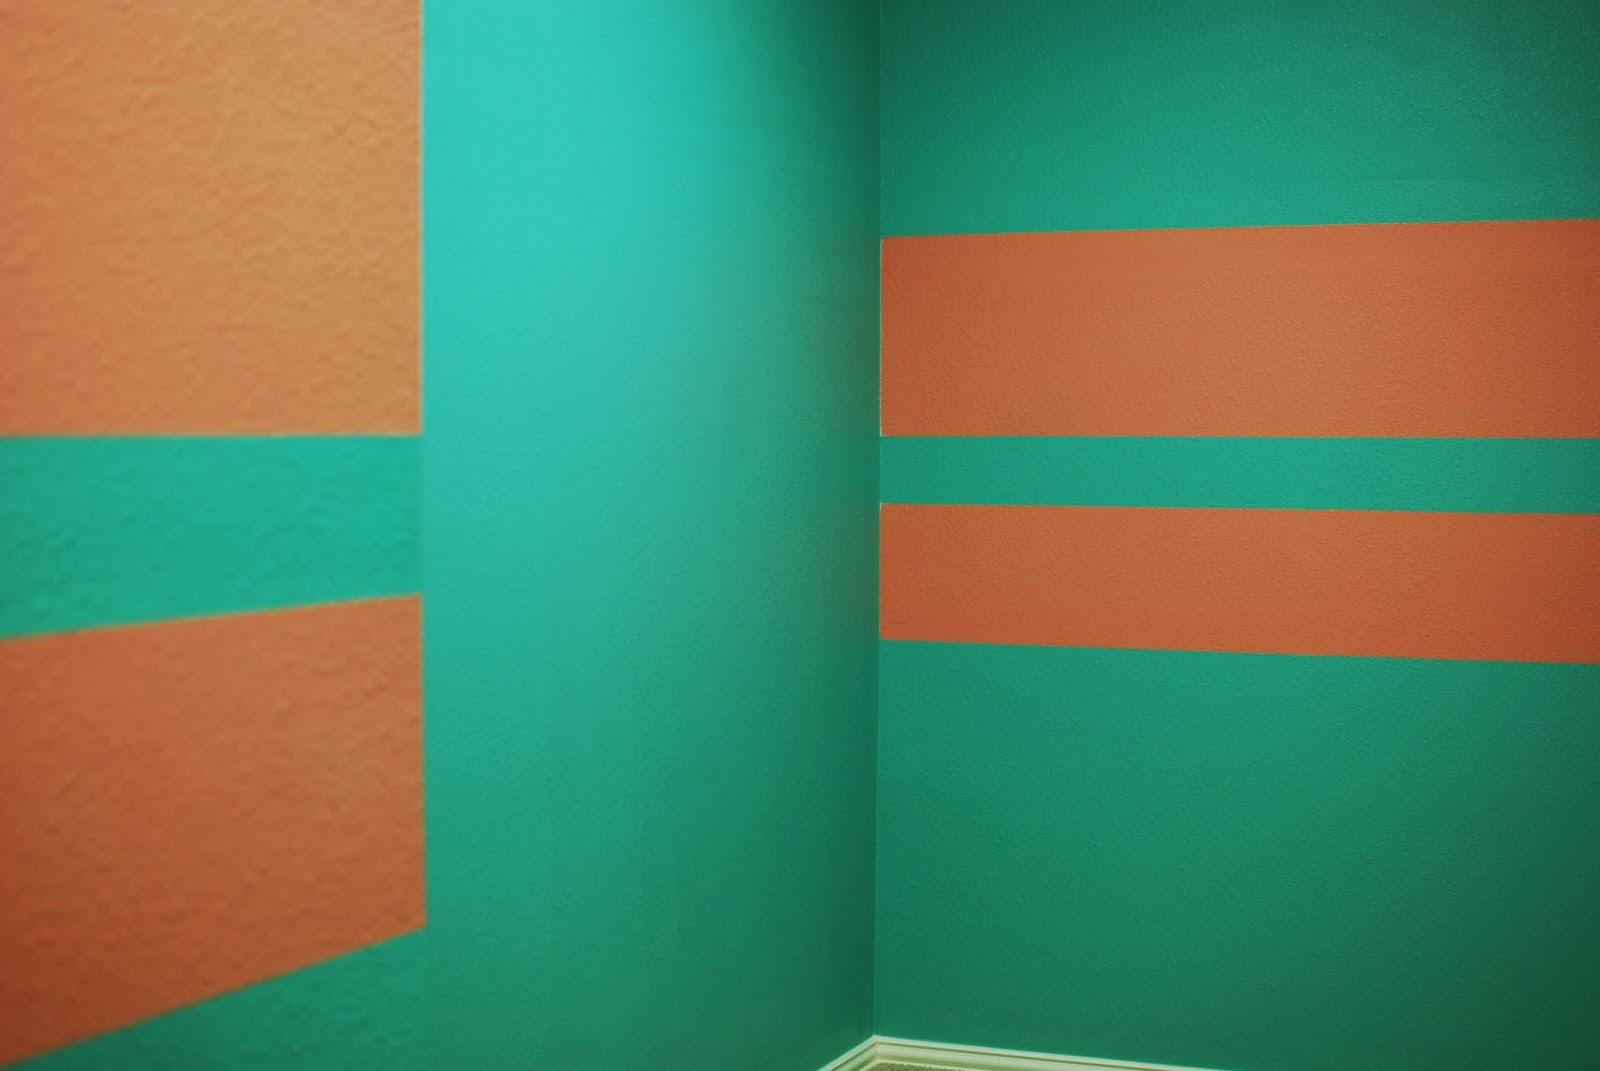 wall/closet color